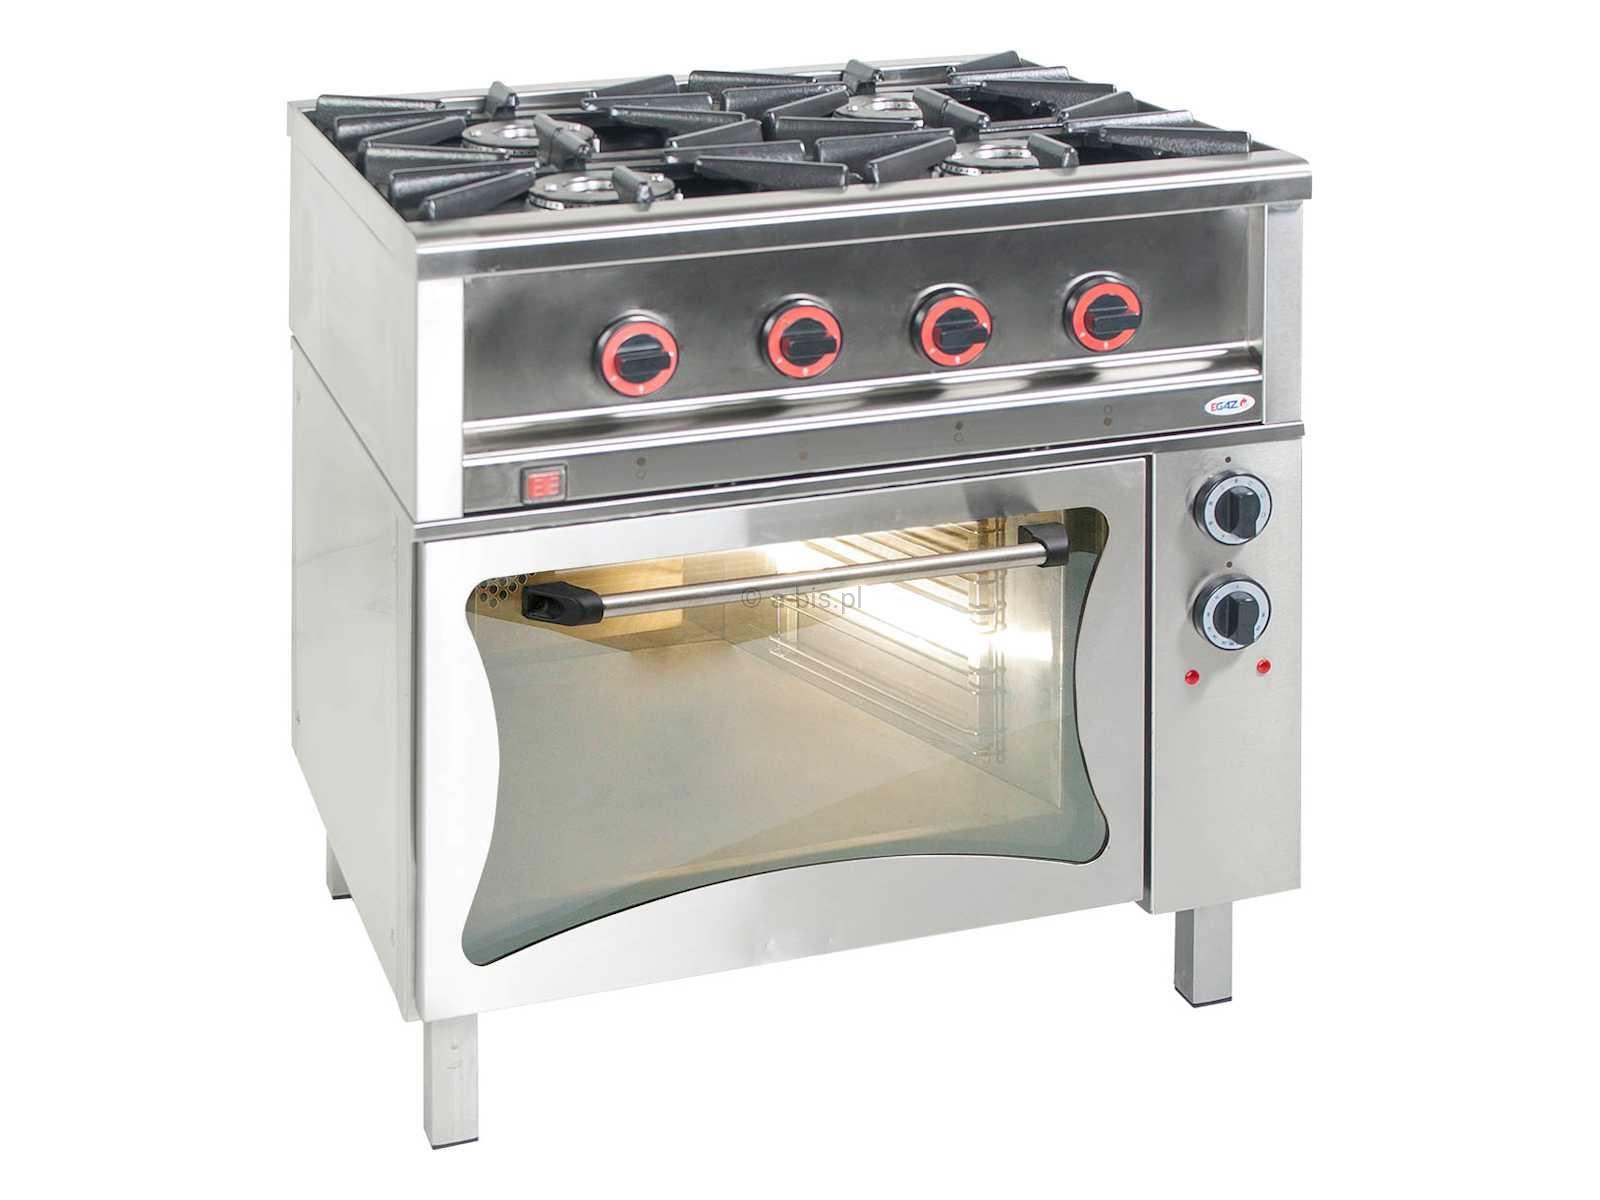 kuchnia gazowa 4palnikowa z piekarnikiem gazowym tg egaz